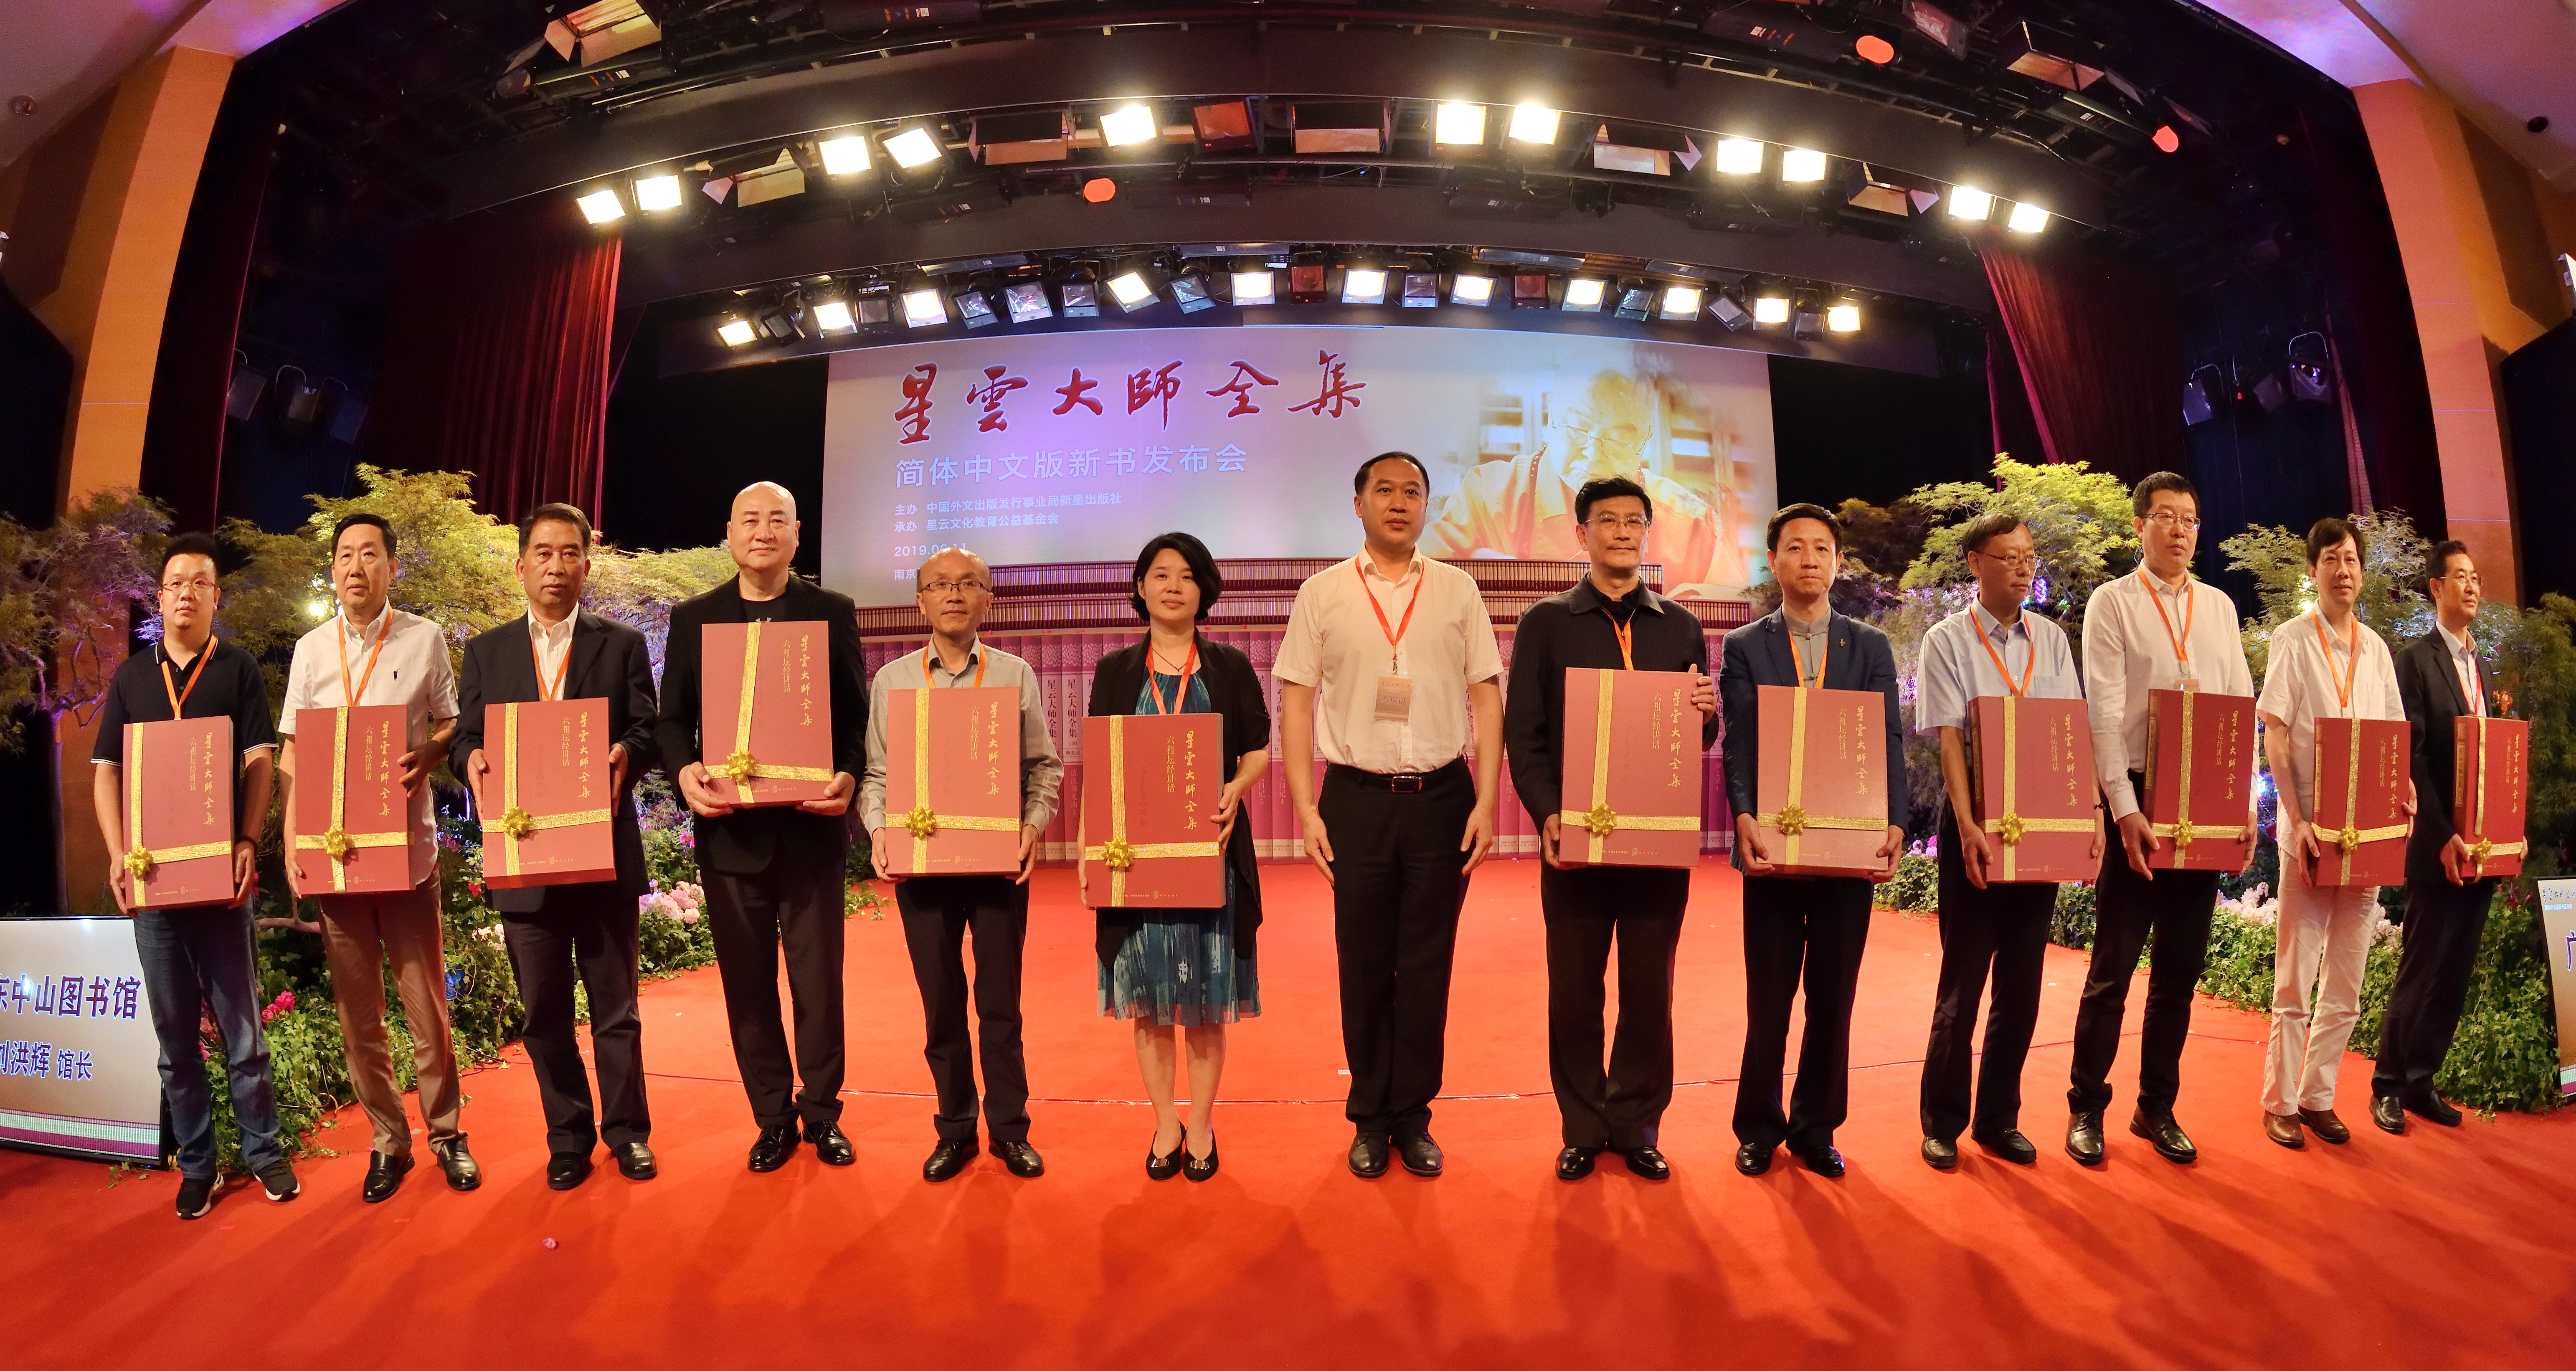 參加《星雲大師全集》簡體中文版新書發布儀式的代表。(中美寺提供)